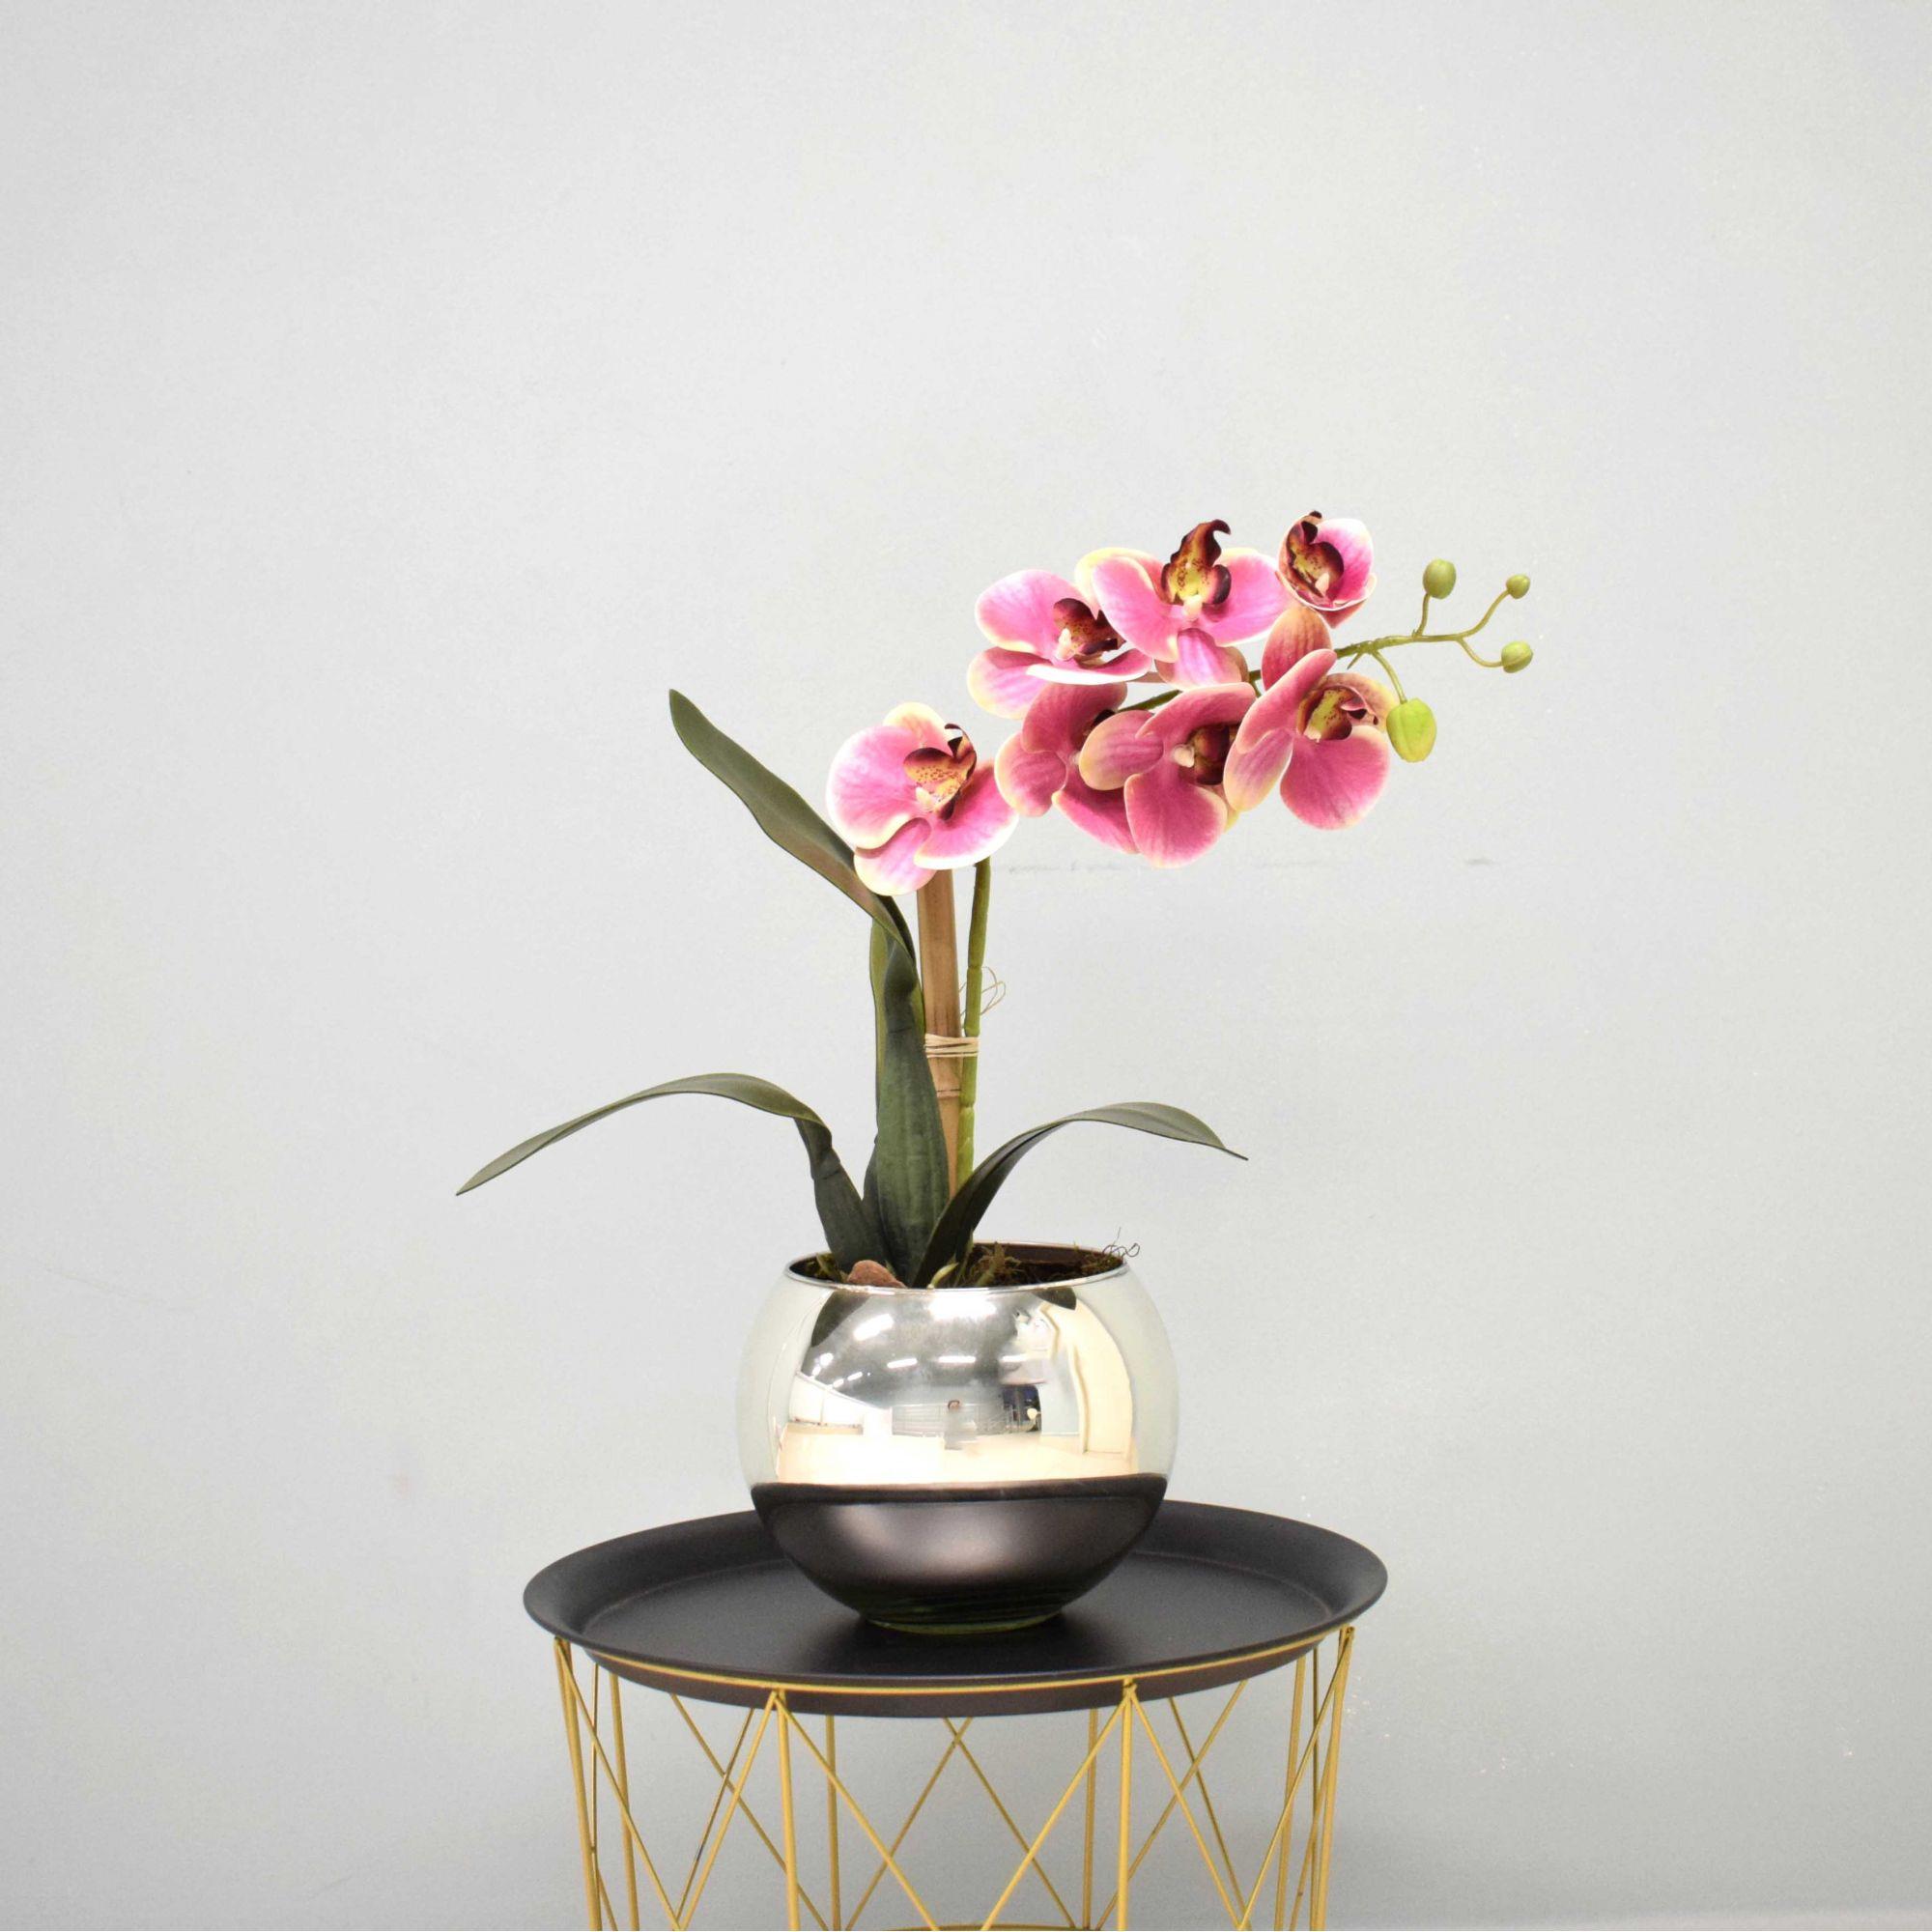 Arranjo de Orquídea Artificial Rosa no Vaso Prateado Médio